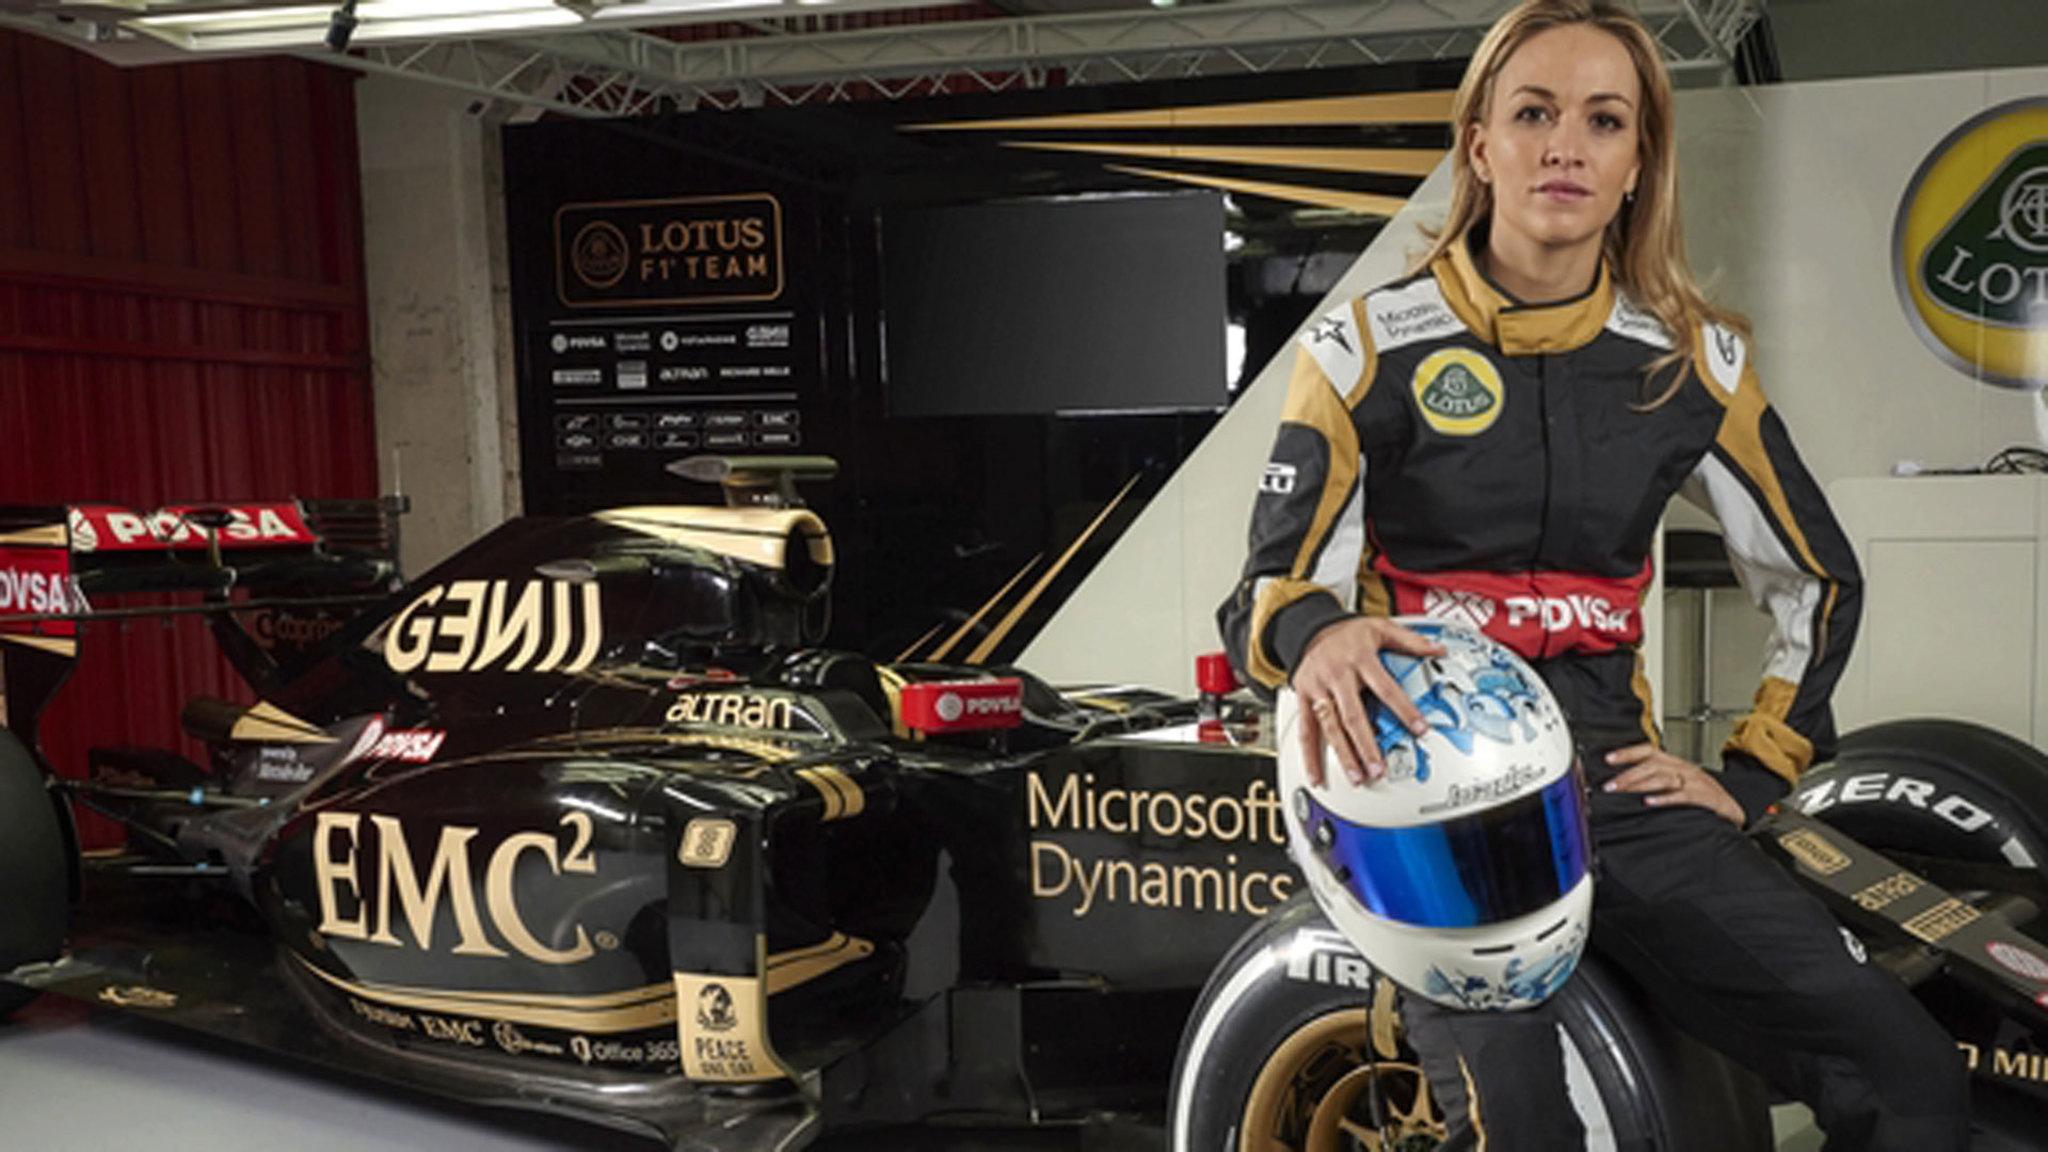 Lotus kiest voor vrouwelijke testcoureur   De Volkskrant